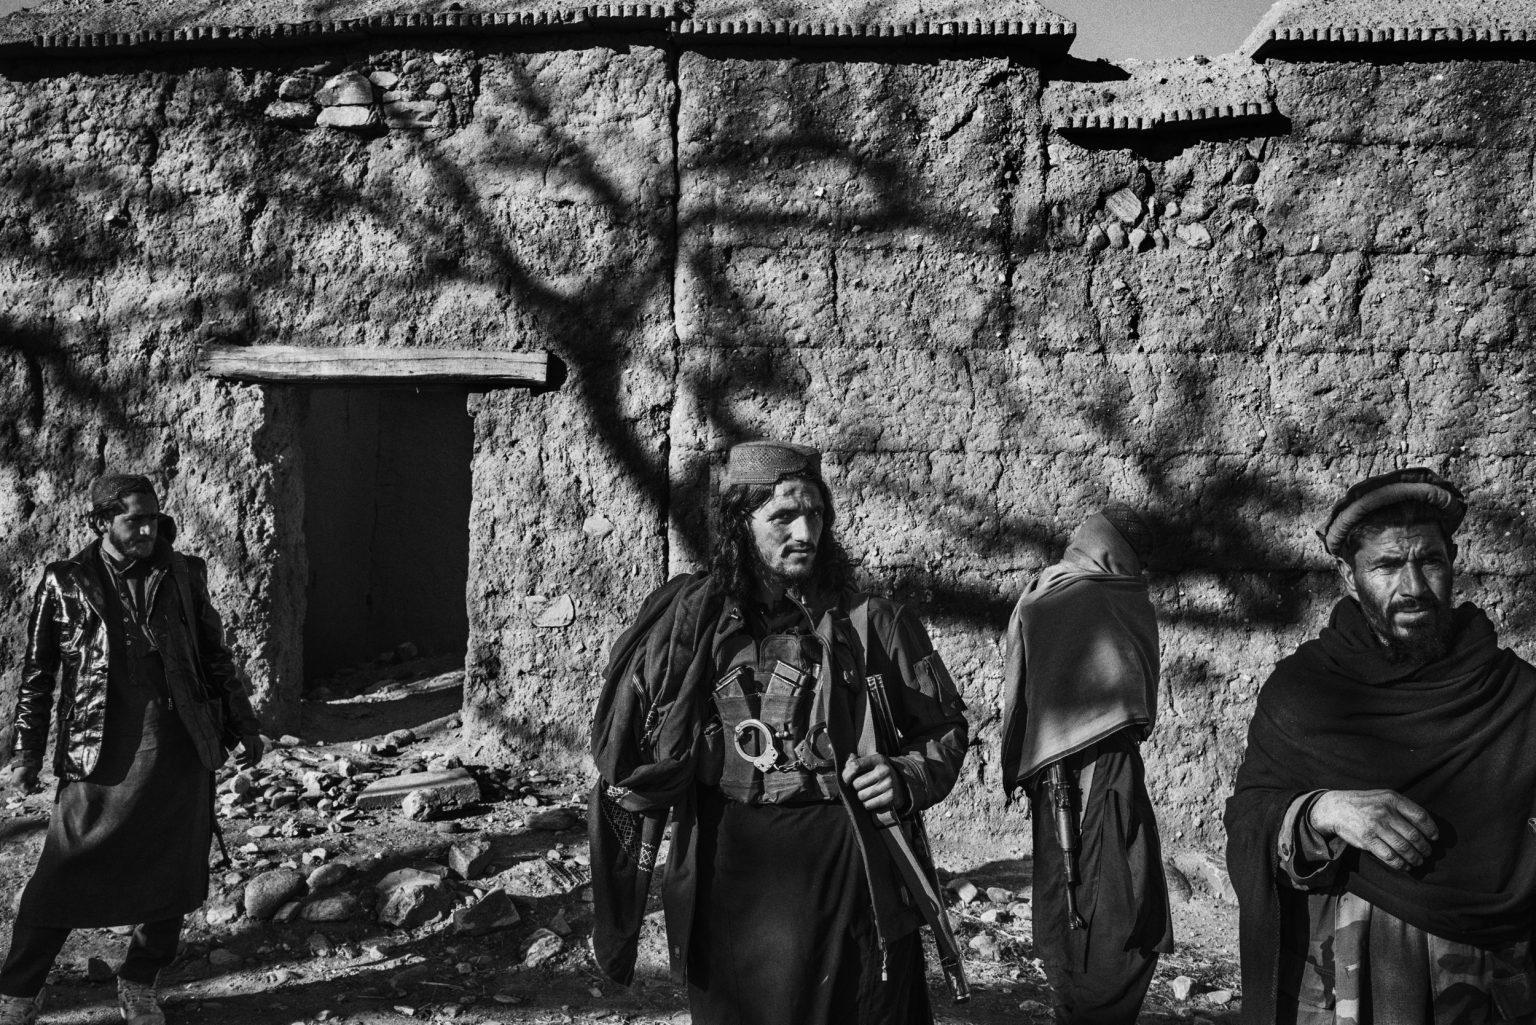 """Nangarhar province, Afghanistan, December 2019 - A group of Taliban fighters gather in the morning in Khogiani district. Abdul Rahman (centre), 20 years old, joined the Taliban 6 years ago. He was a farmer before. He lost a hand trying to defuse a bomb. Some members of his family fought against the soviets occupation. He says he would be glad to return to farming when there will be an islamic government in Afghanistan, but he also add that he will miss jihad because """"this is what feeds you in the after life"""". >< Provincia di Nangarhar, Afhanistan, dicembre 2019 - Un gruppo di combattenti talebani si raduna al mattino nel distretto di Khogiani. Abdul Rahman (al centro), 20 anni, si è unito ai talebani 6 anni fa. Prima era un contadino; ha perso una mano nel tentativo di disinnescare una bomba. Alcuni membri della sua famiglia hanno combattuto contro l'occupazione sovietica. Dice che sarebbe felice di tornare al lavoro agricolo quando ci sarà un governo islamico in Afghanistan, ma aggiunge anche che gli mancherà la jihad perché """"questo è ciò che ti nutre nell'aldilà""""."""